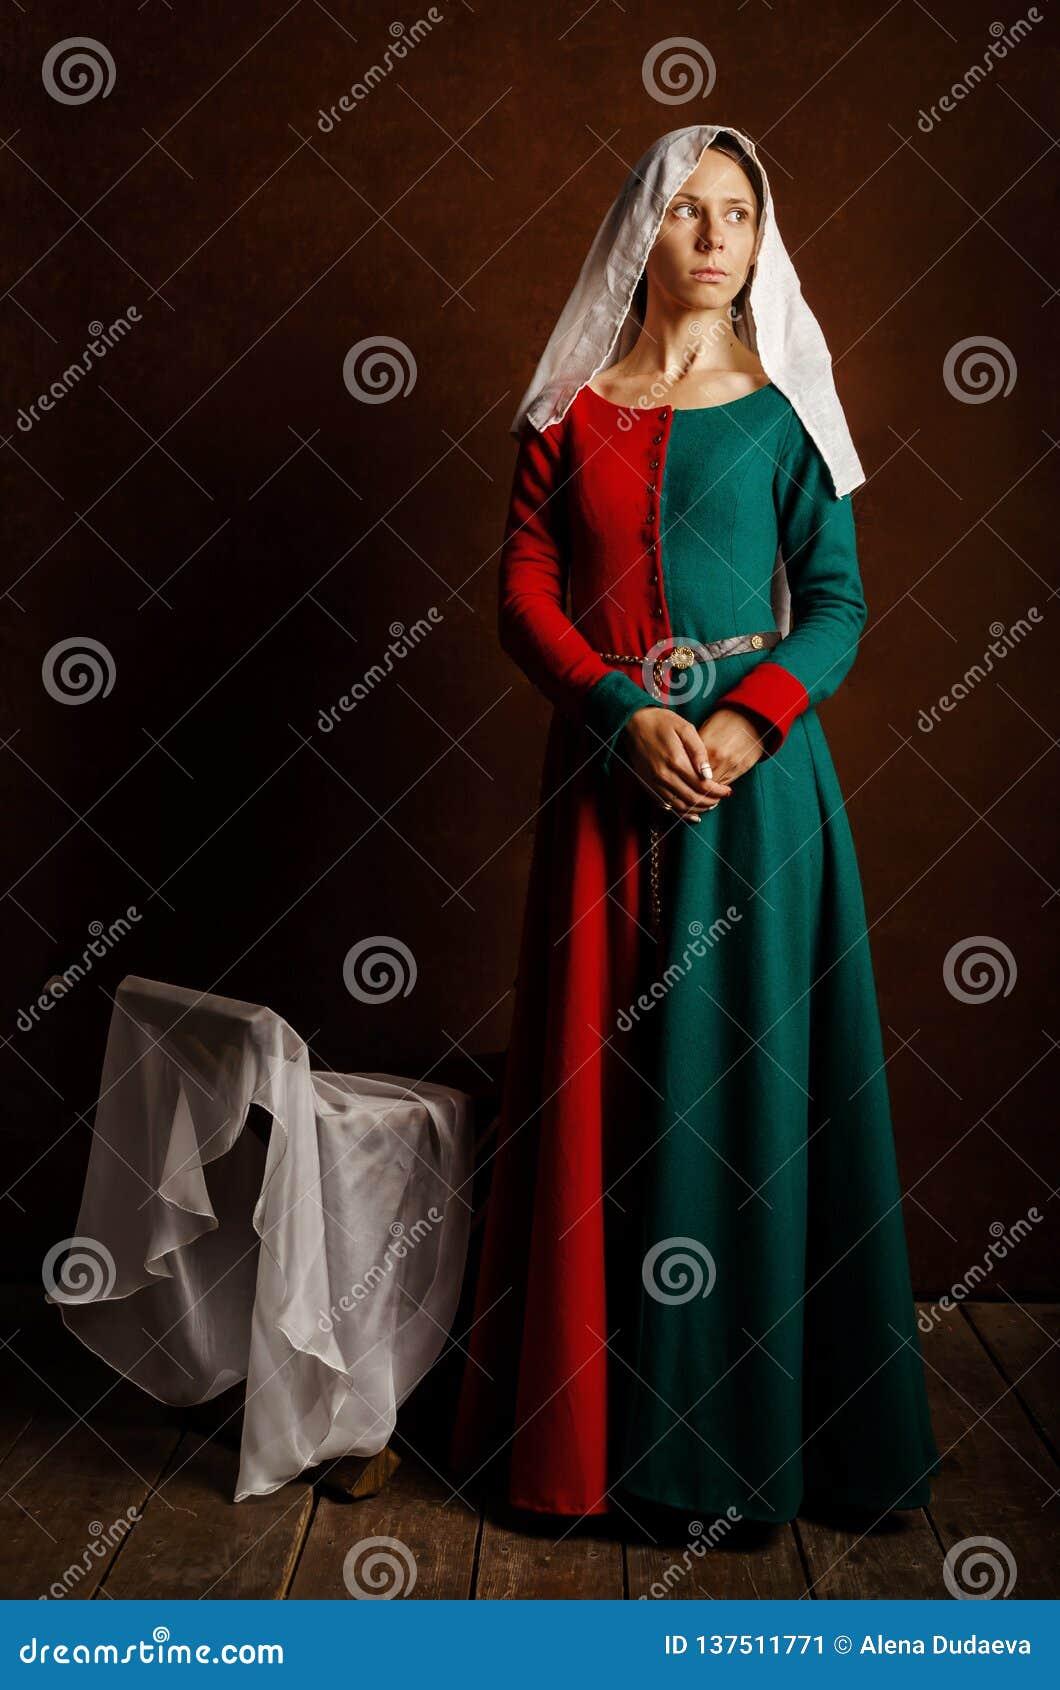 Portret van een mooi meisje in een middeleeuwse kleding in rood en groen op een bruine achtergrond